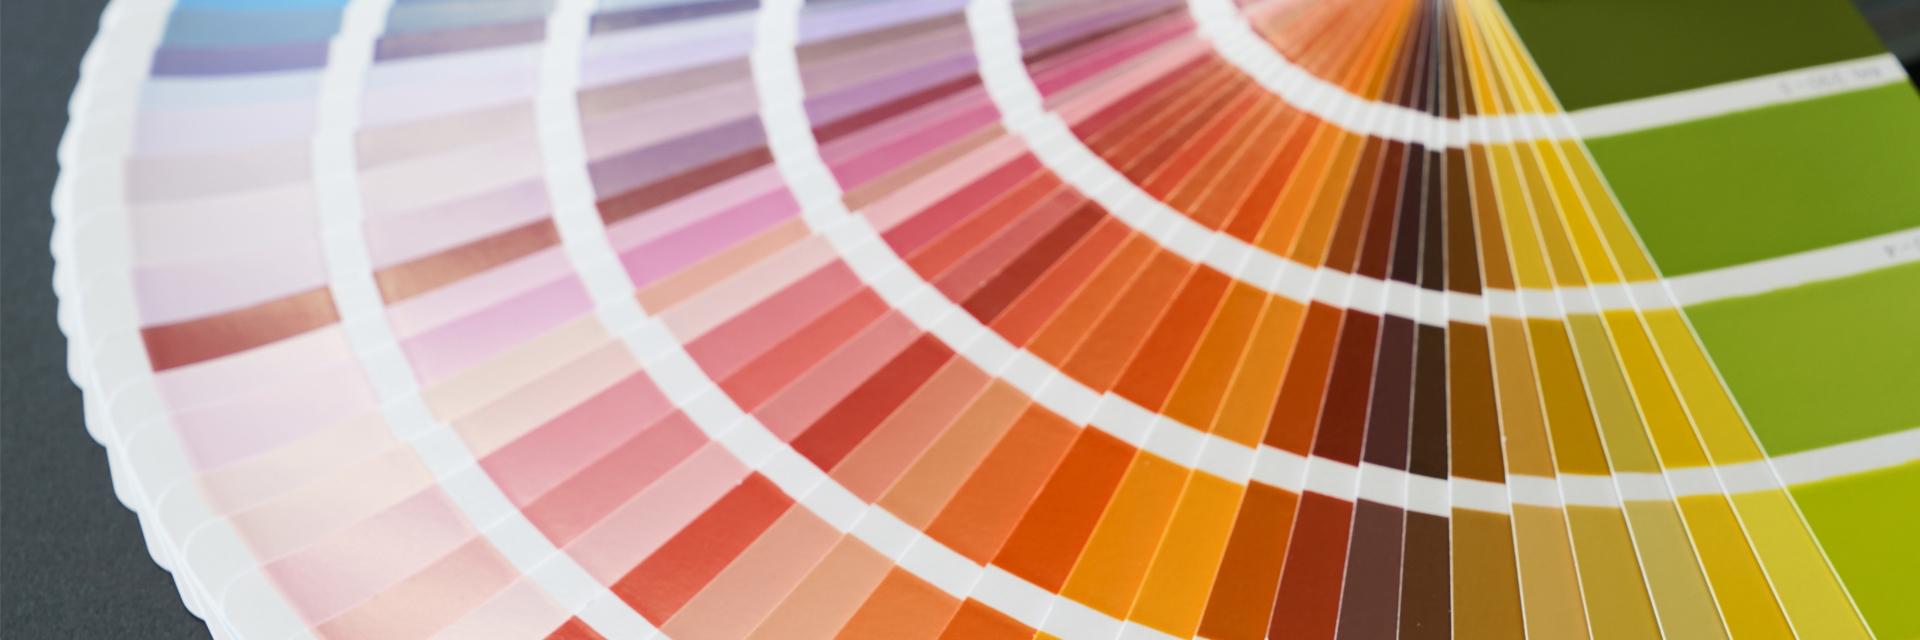 Zahlreiche Farbnuancen im Musterfächer